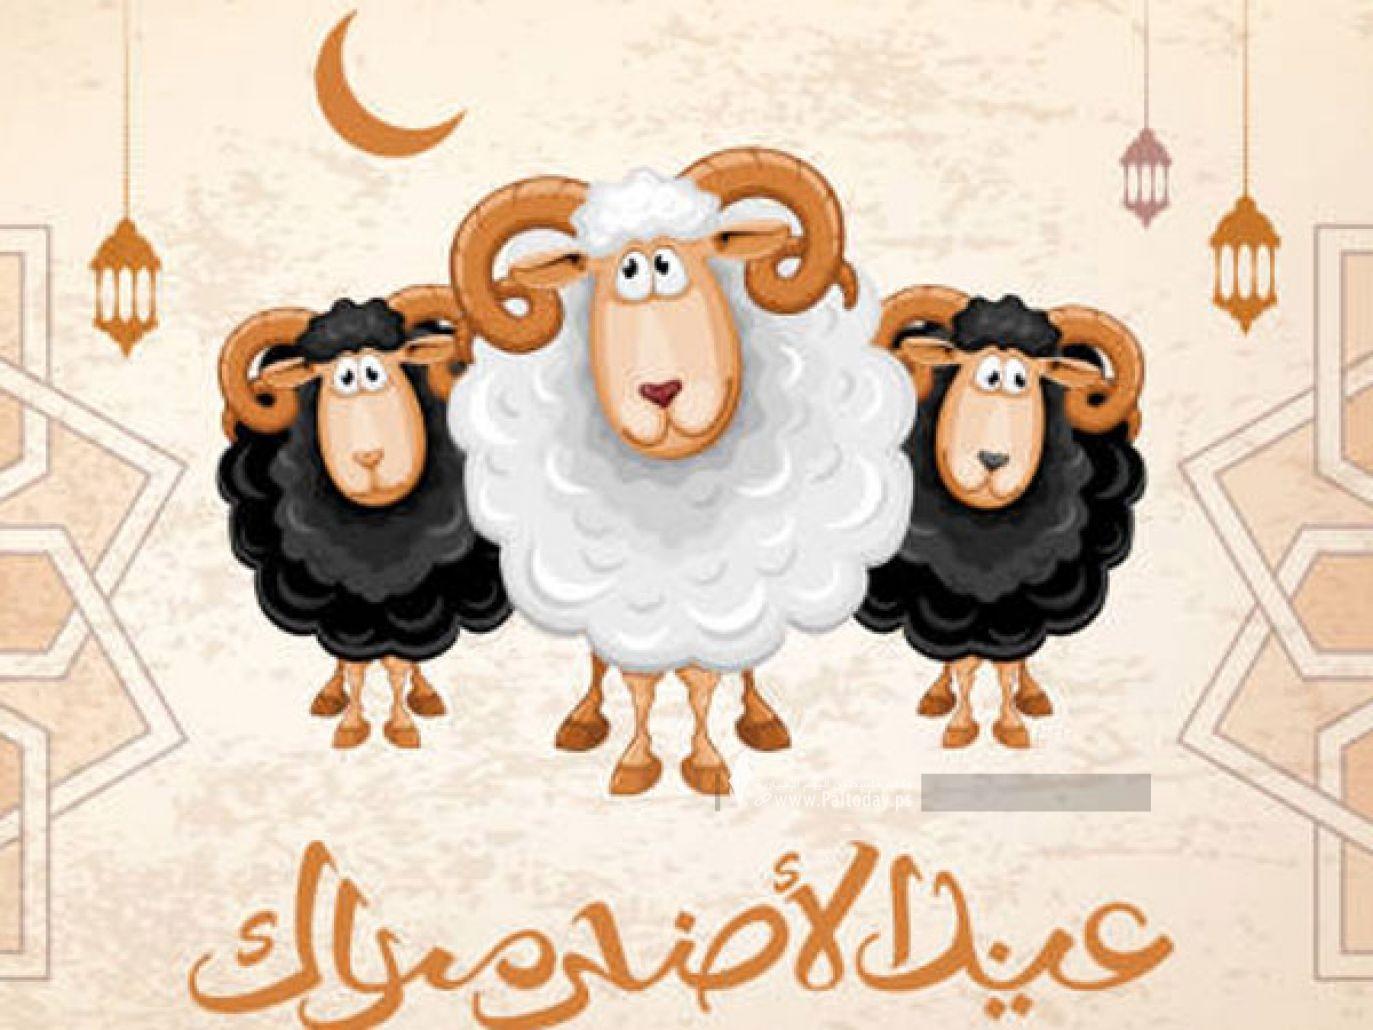 صور عيد الاضحى- بطاقات عيد الأضحى- الاضحى- الأضحى1.jpg